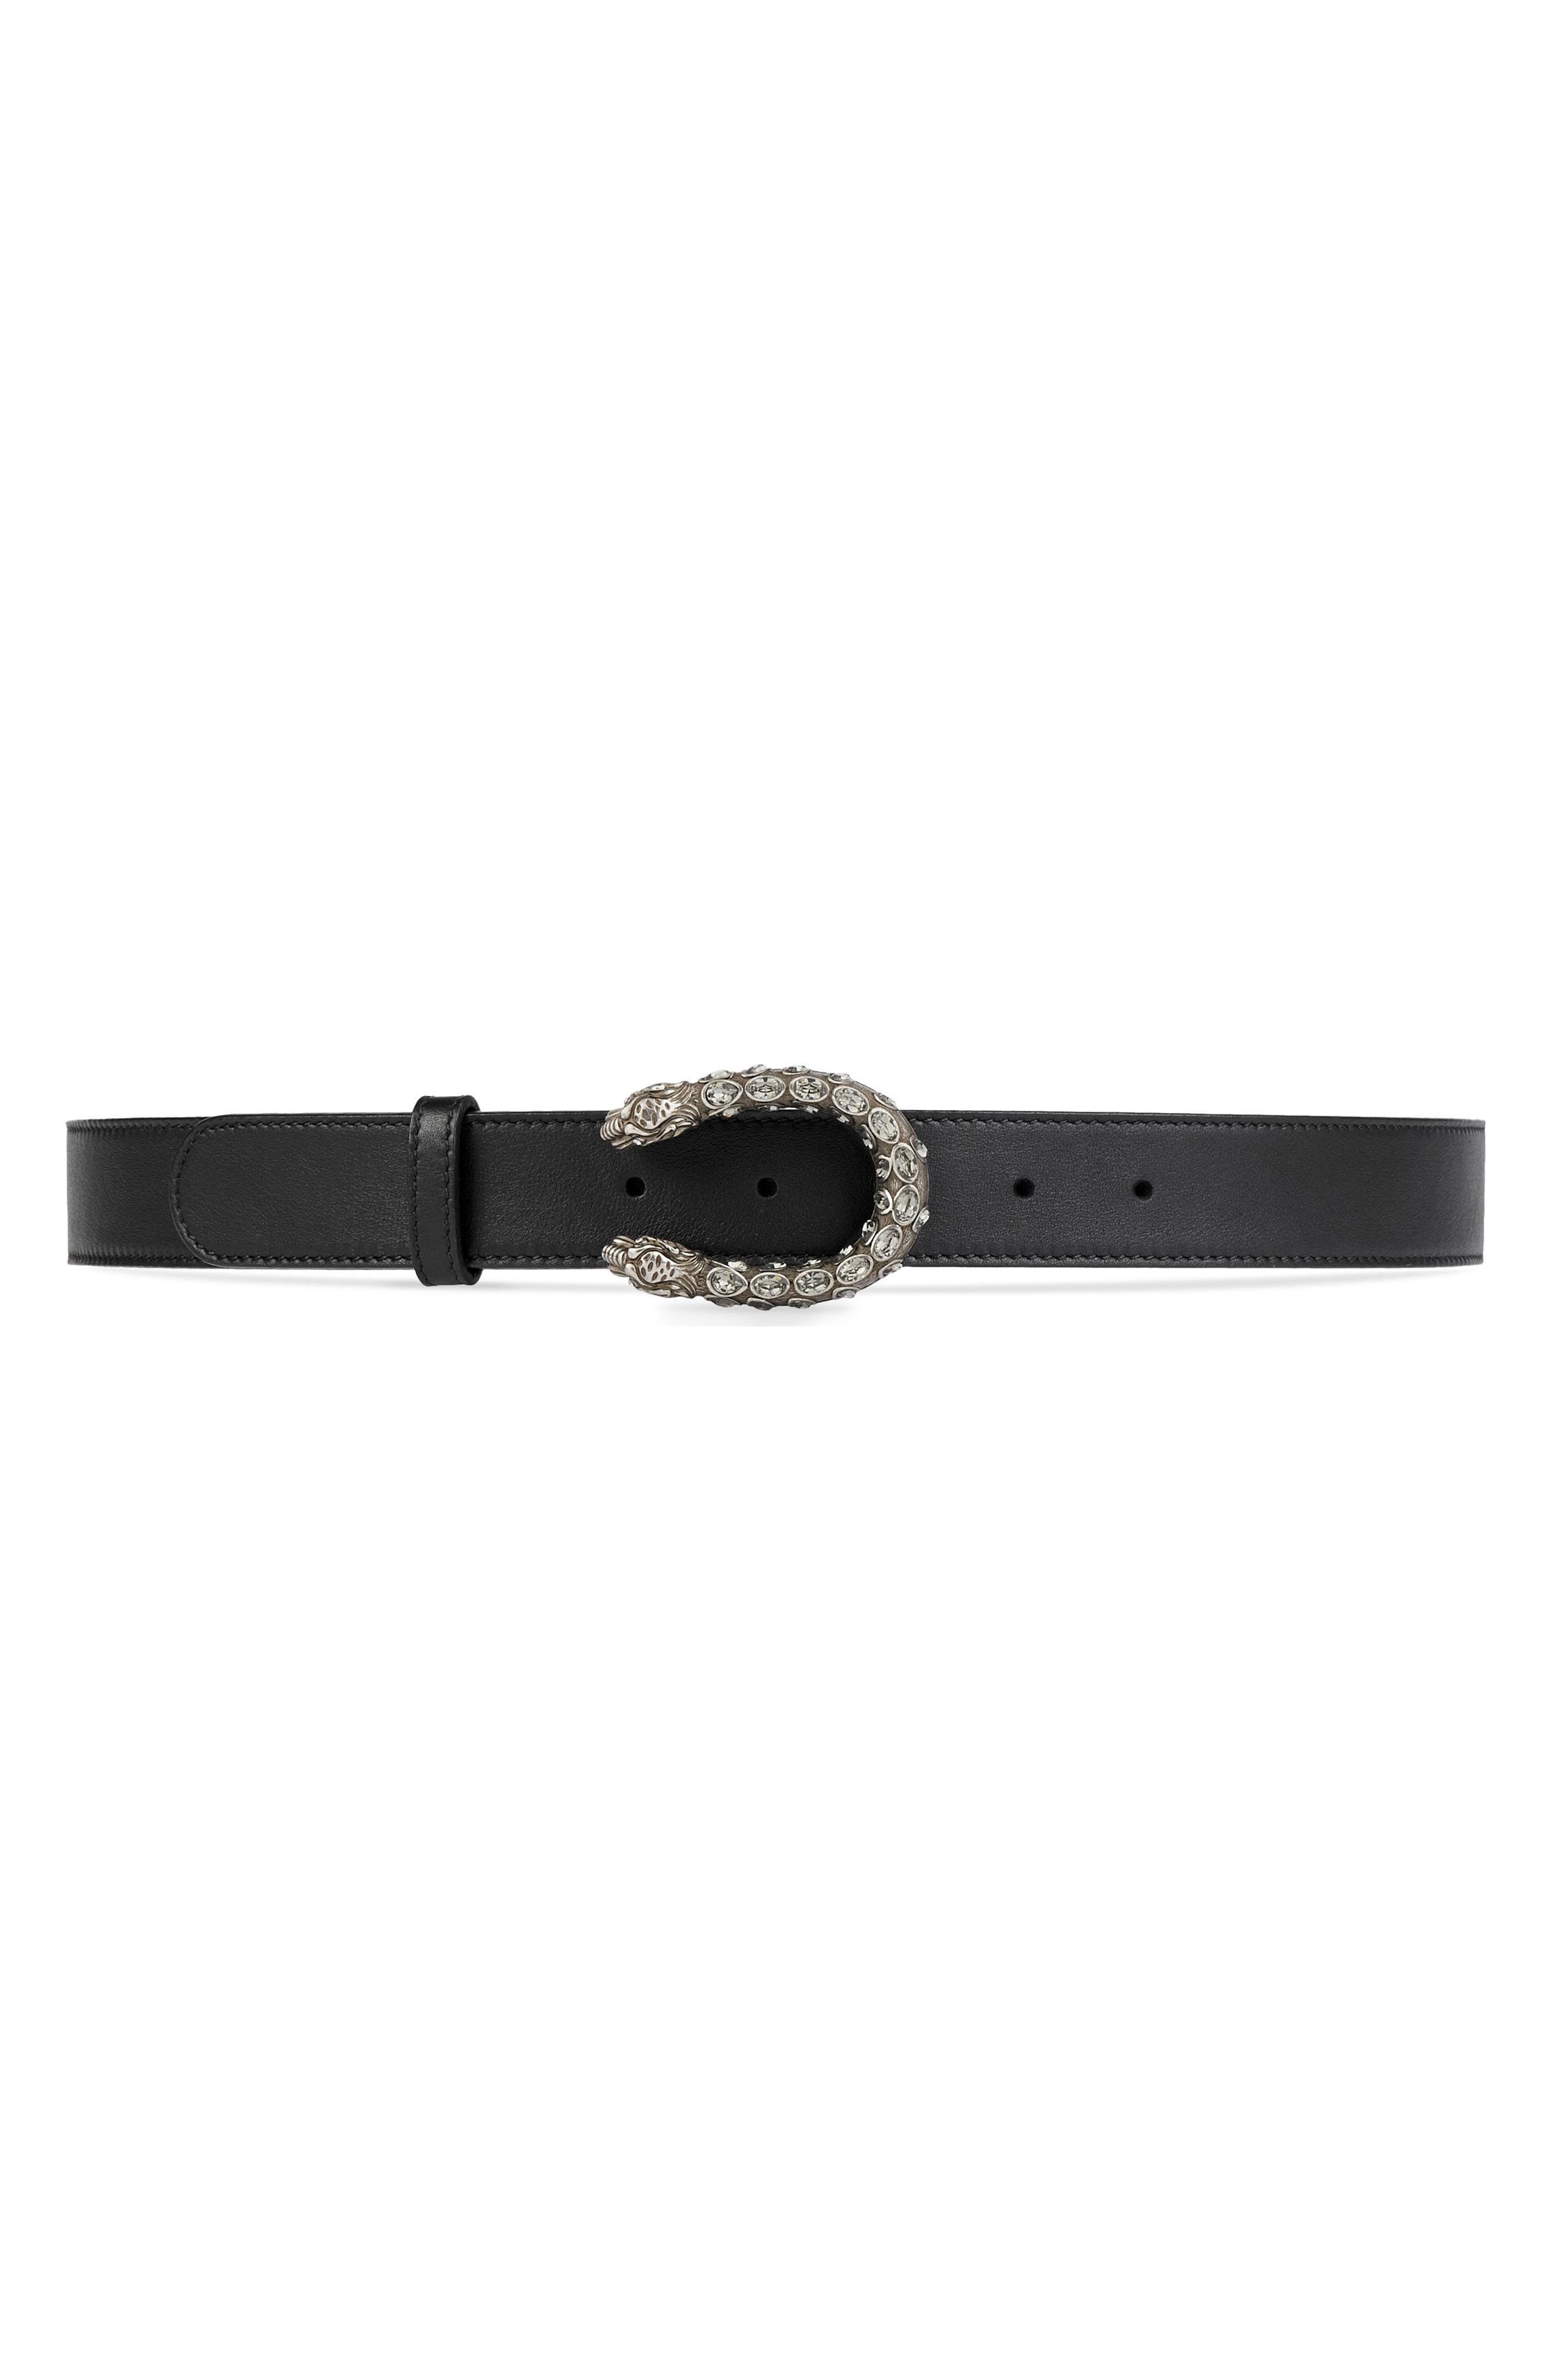 GUCCI, Leather Belt, Main thumbnail 1, color, BLACK DIAM